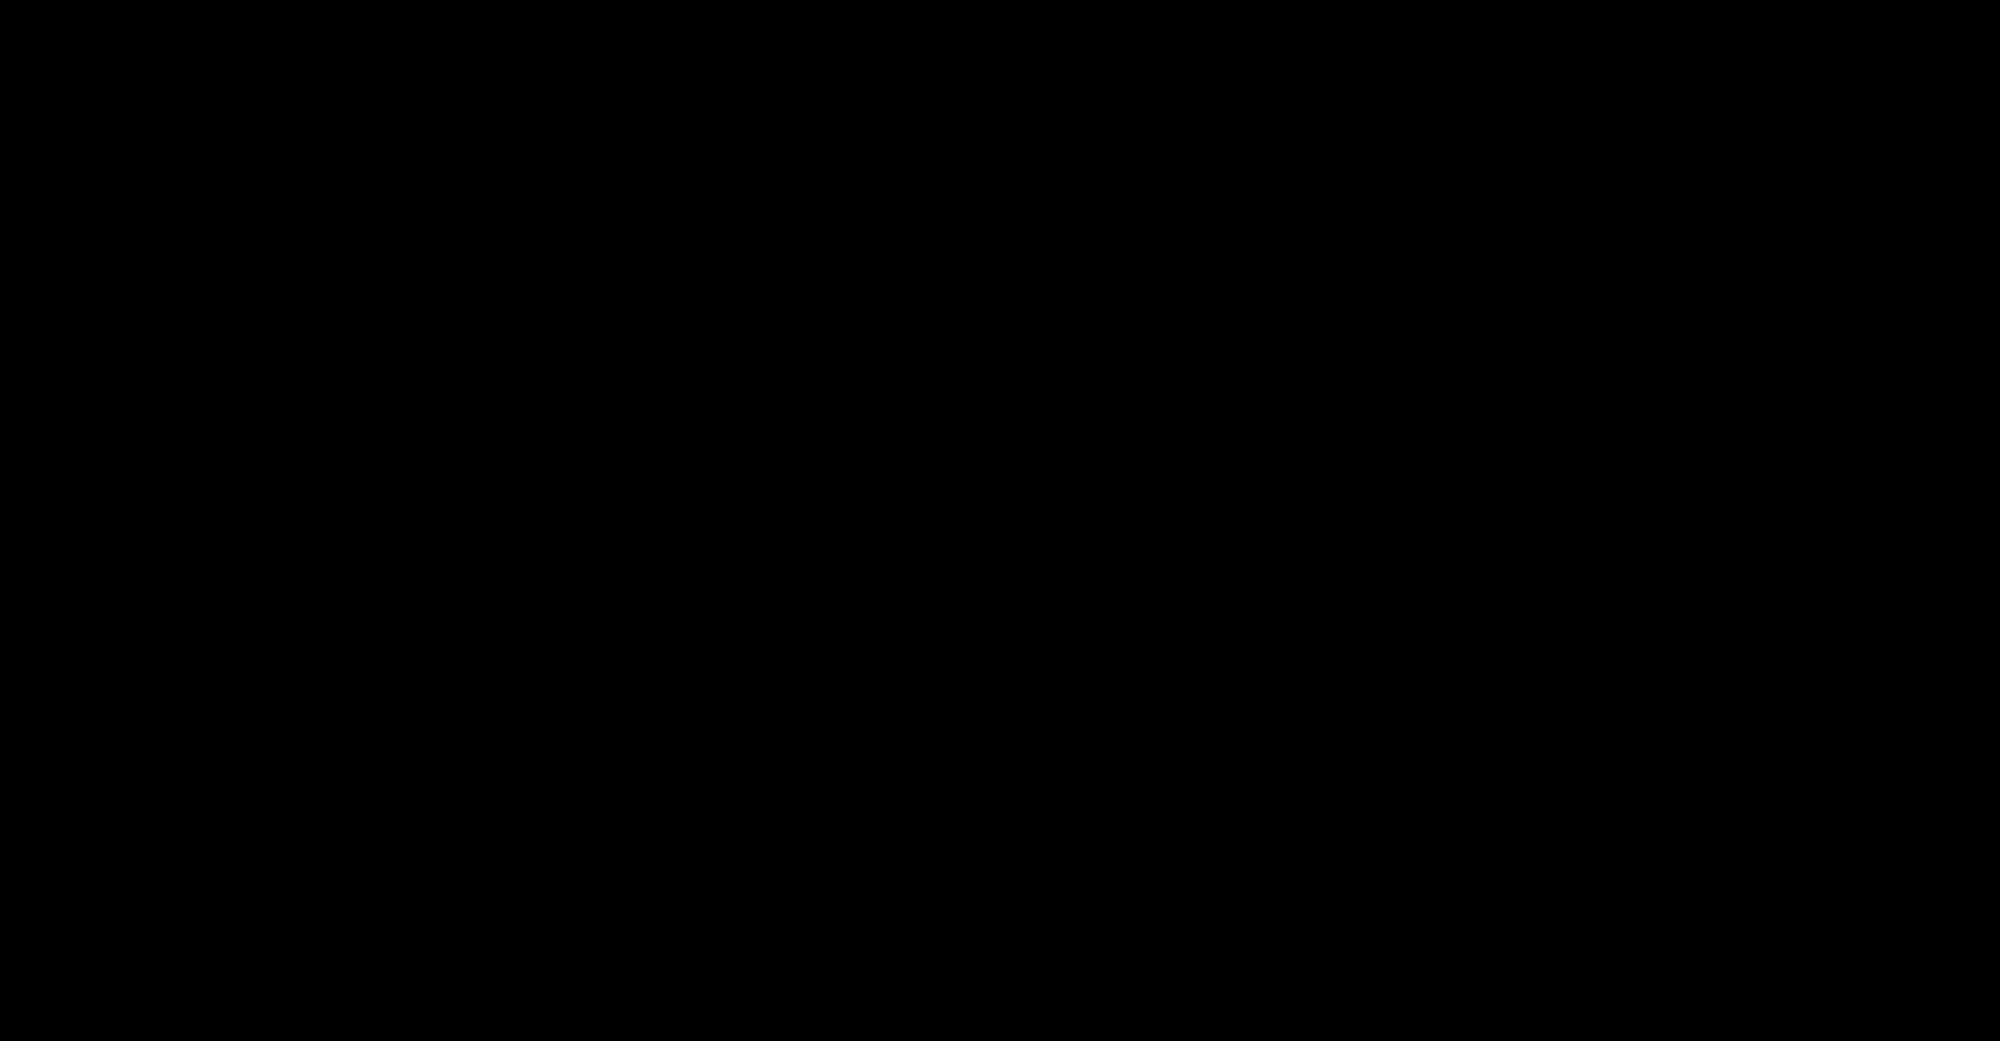 R & D-logo-black.png